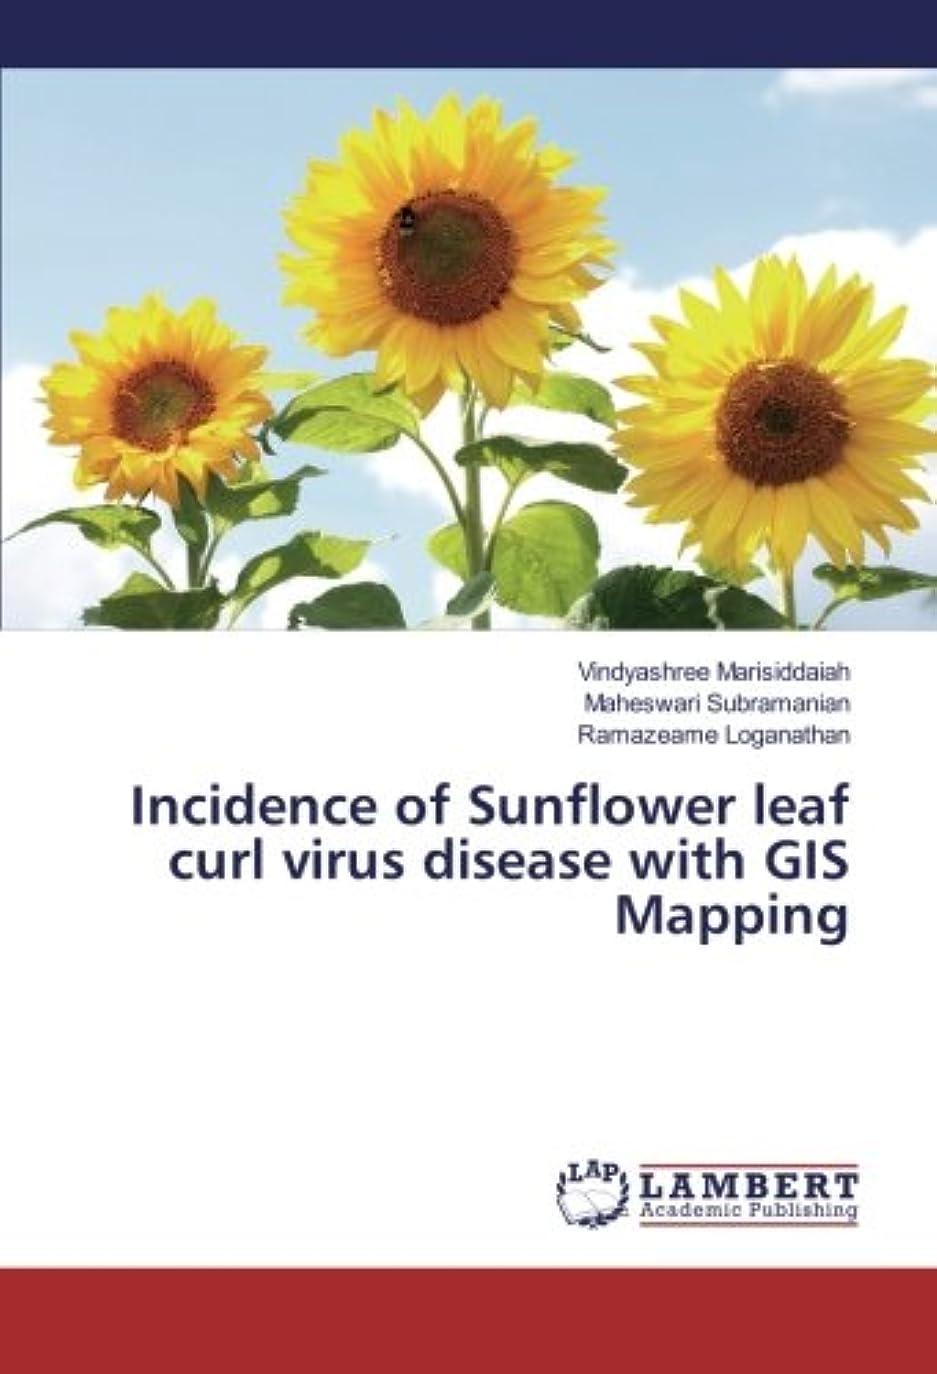 曇ったバーチャル真空Incidence of Sunflower leaf curl virus disease with GIS Mapping